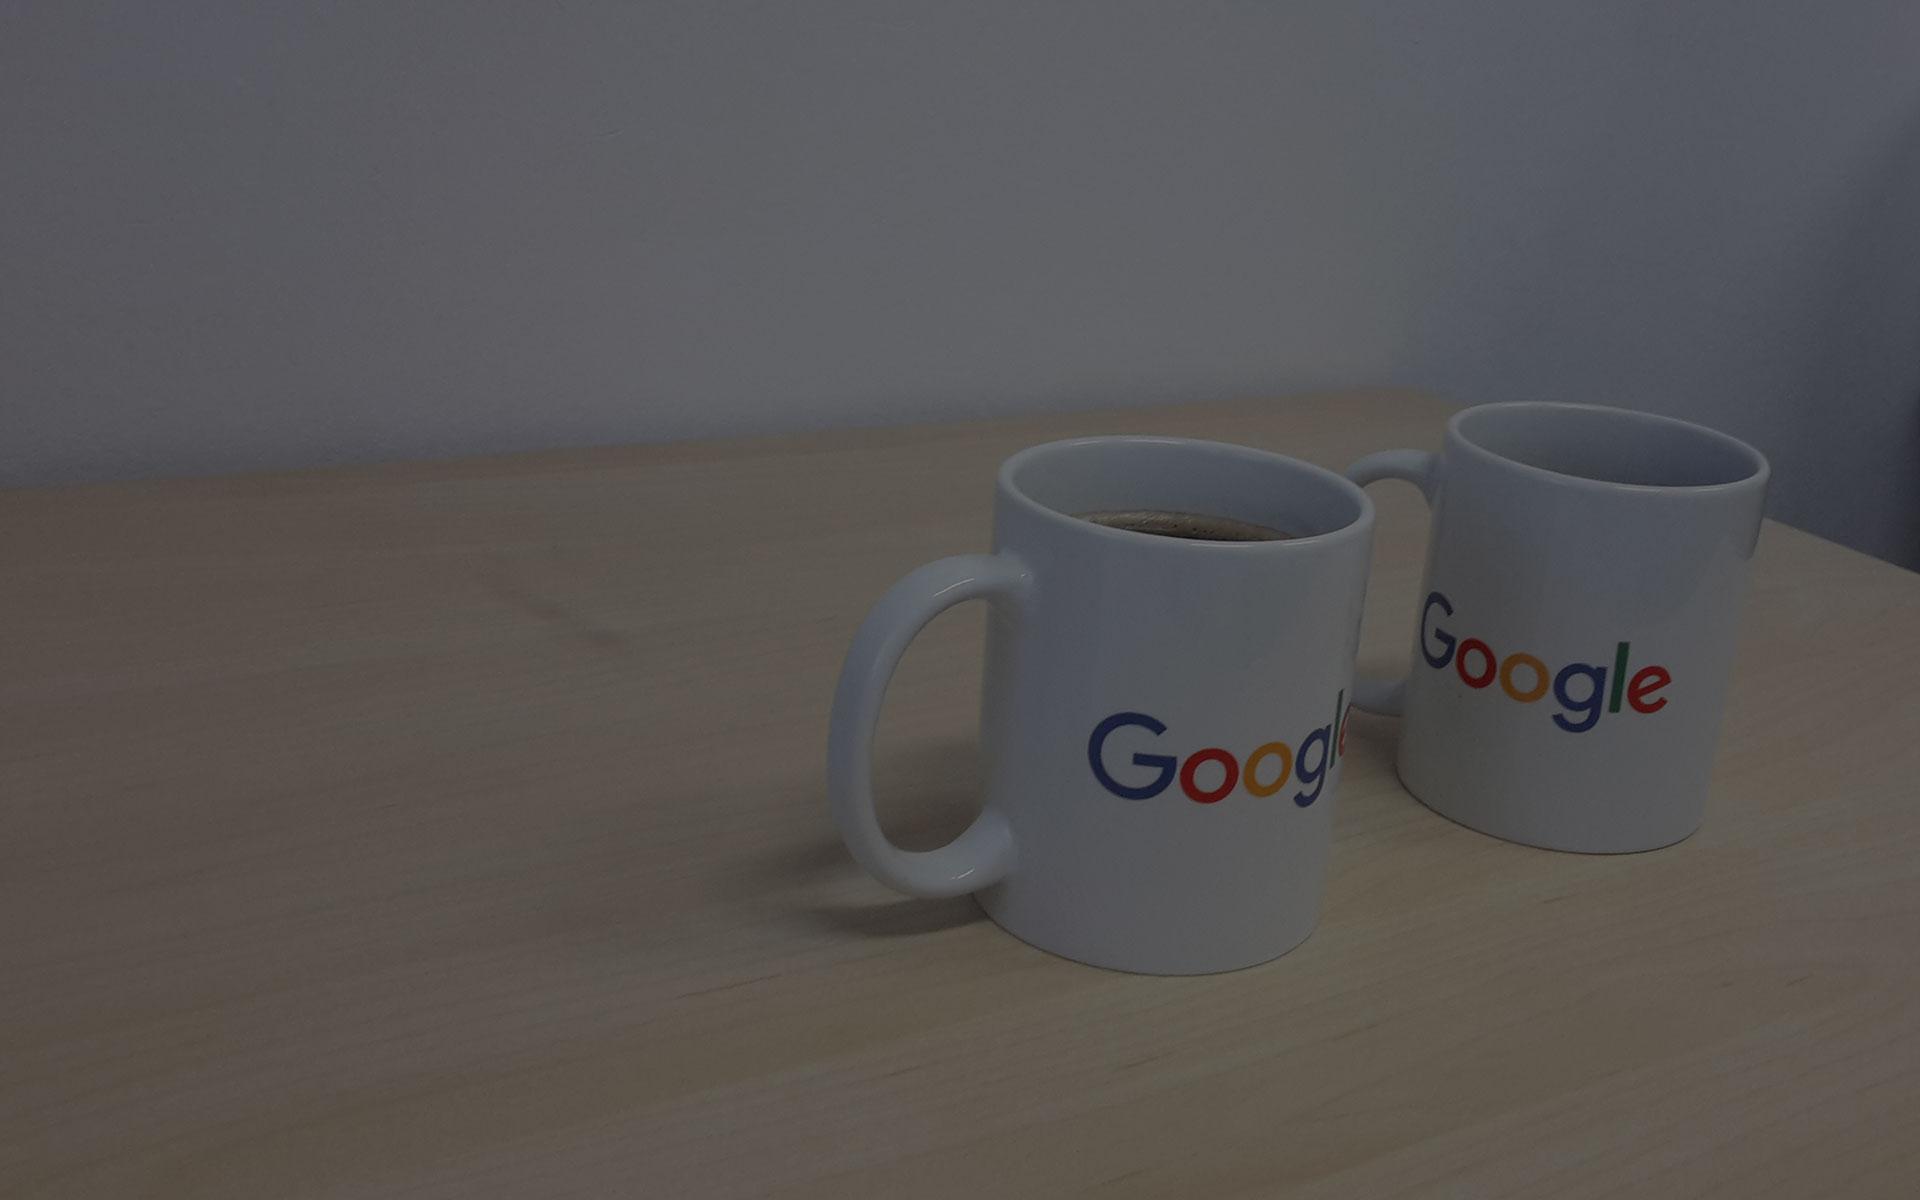 """Zapraszamy na kawę<br/>oraz <span style=""""color:#4385f5;"""">bezpłatną</span><br/>konsultację"""